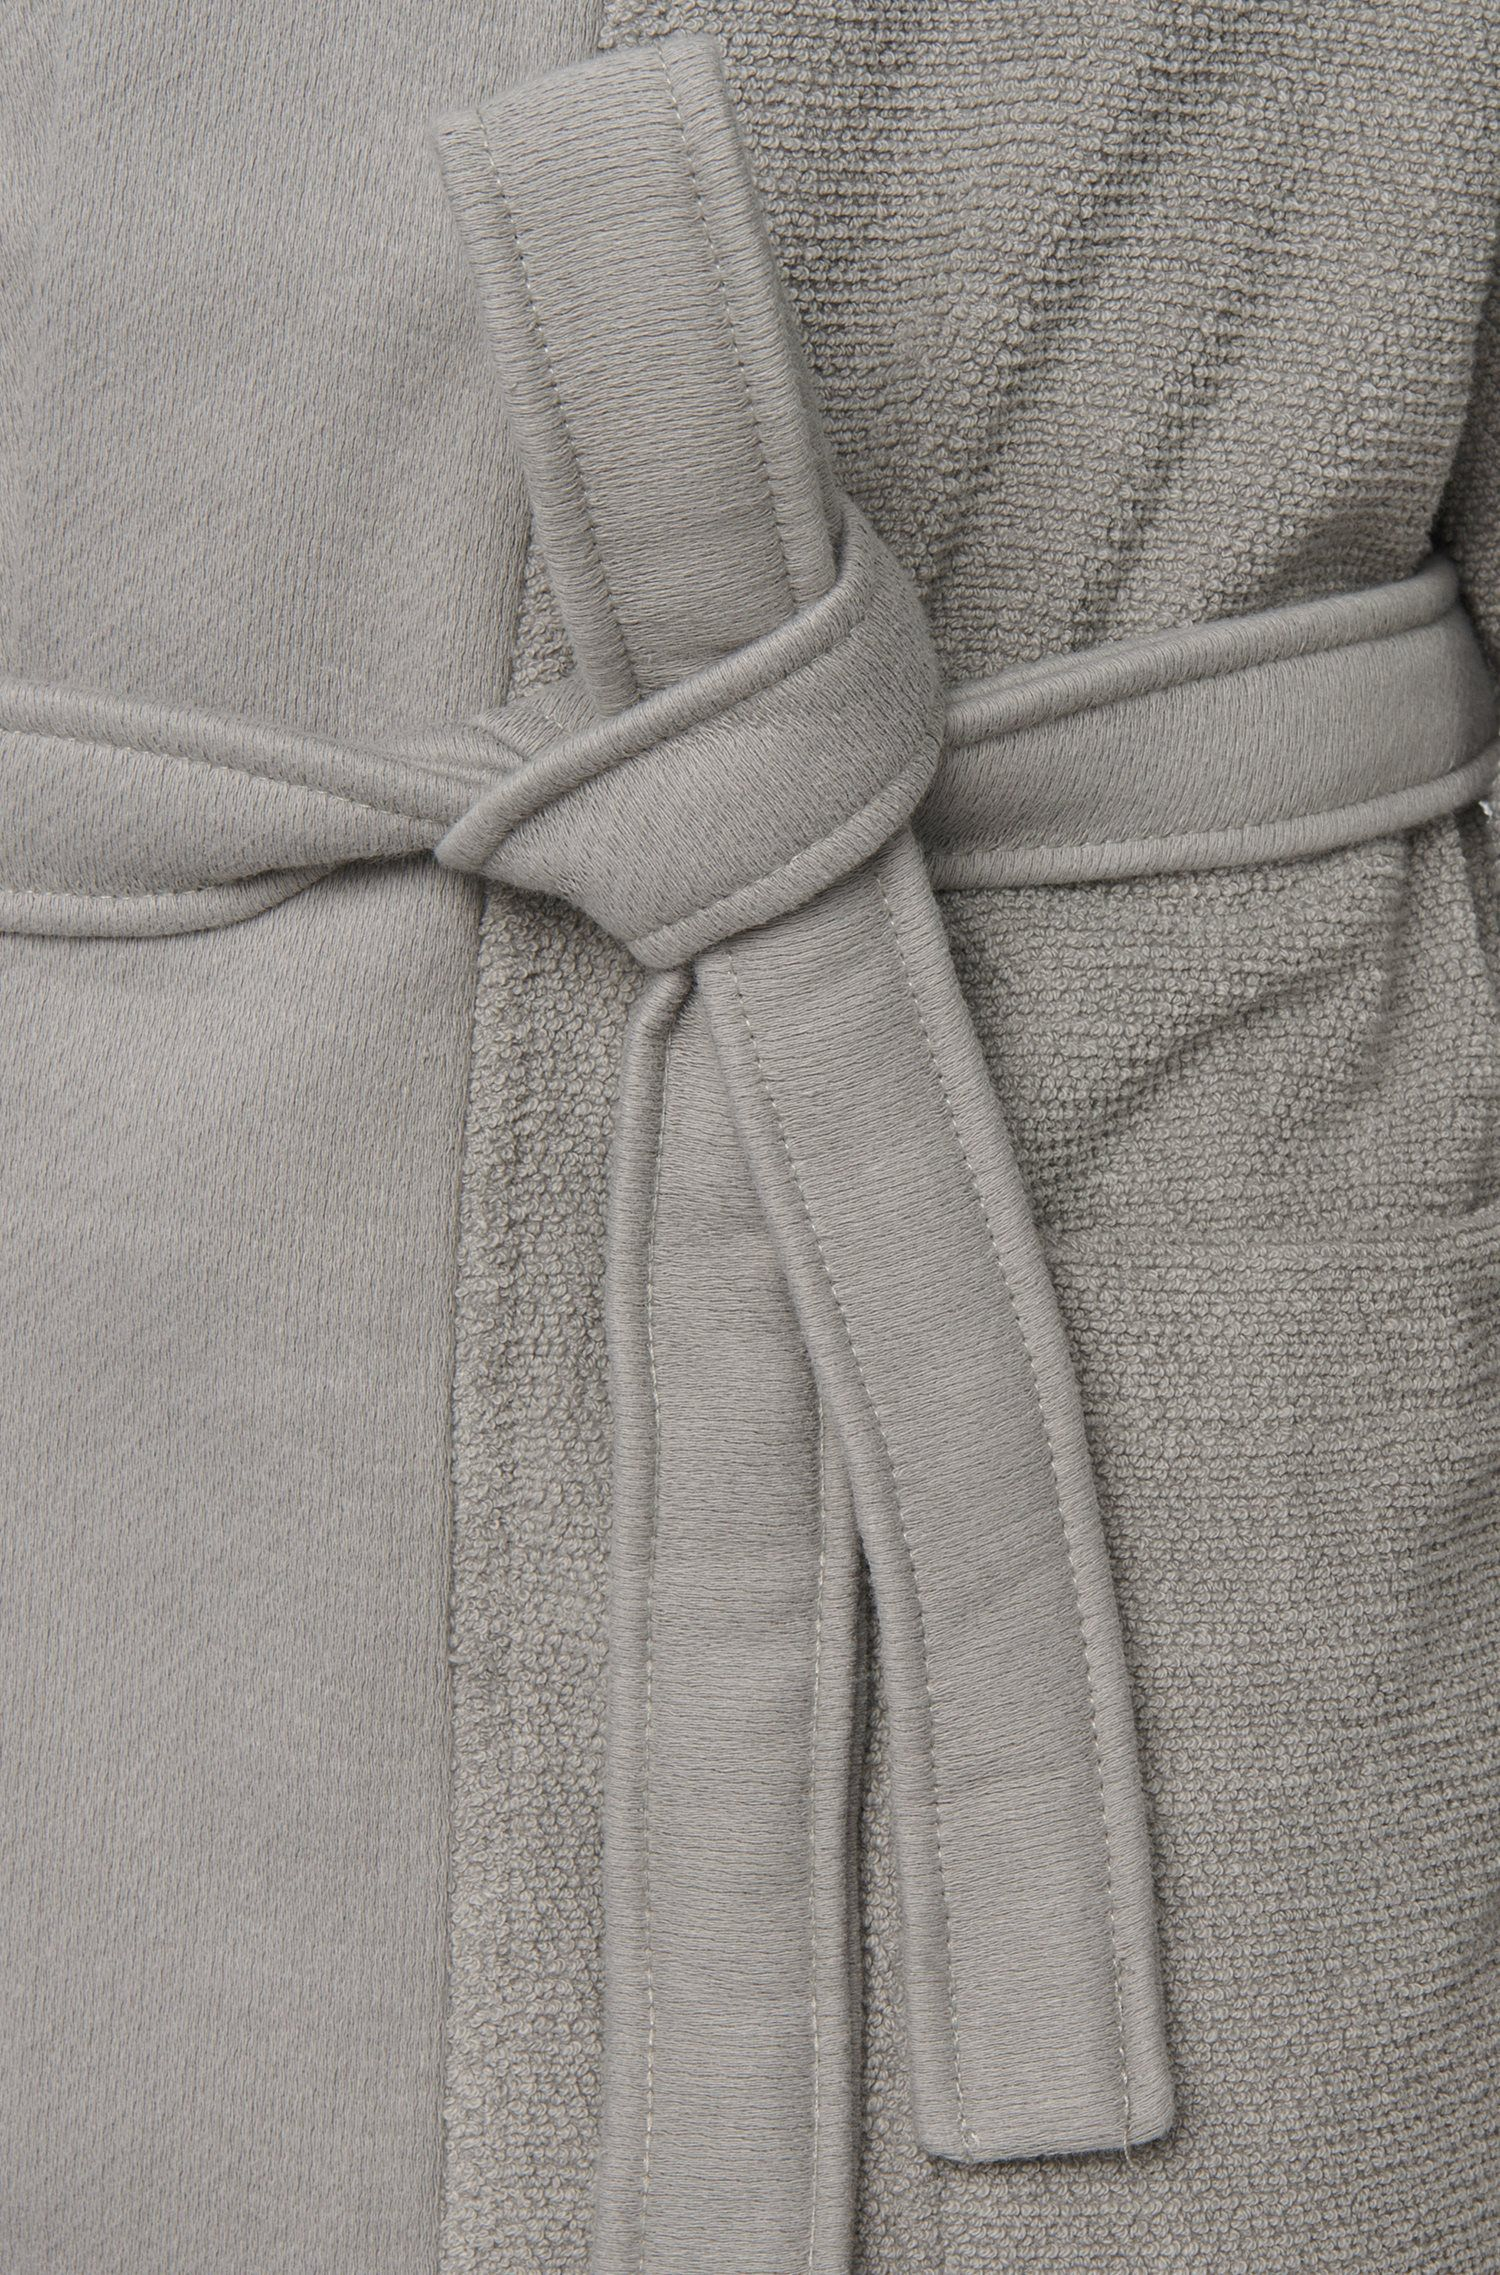 Peignoir style kimono en coton peigné de la mer Égée, Argent